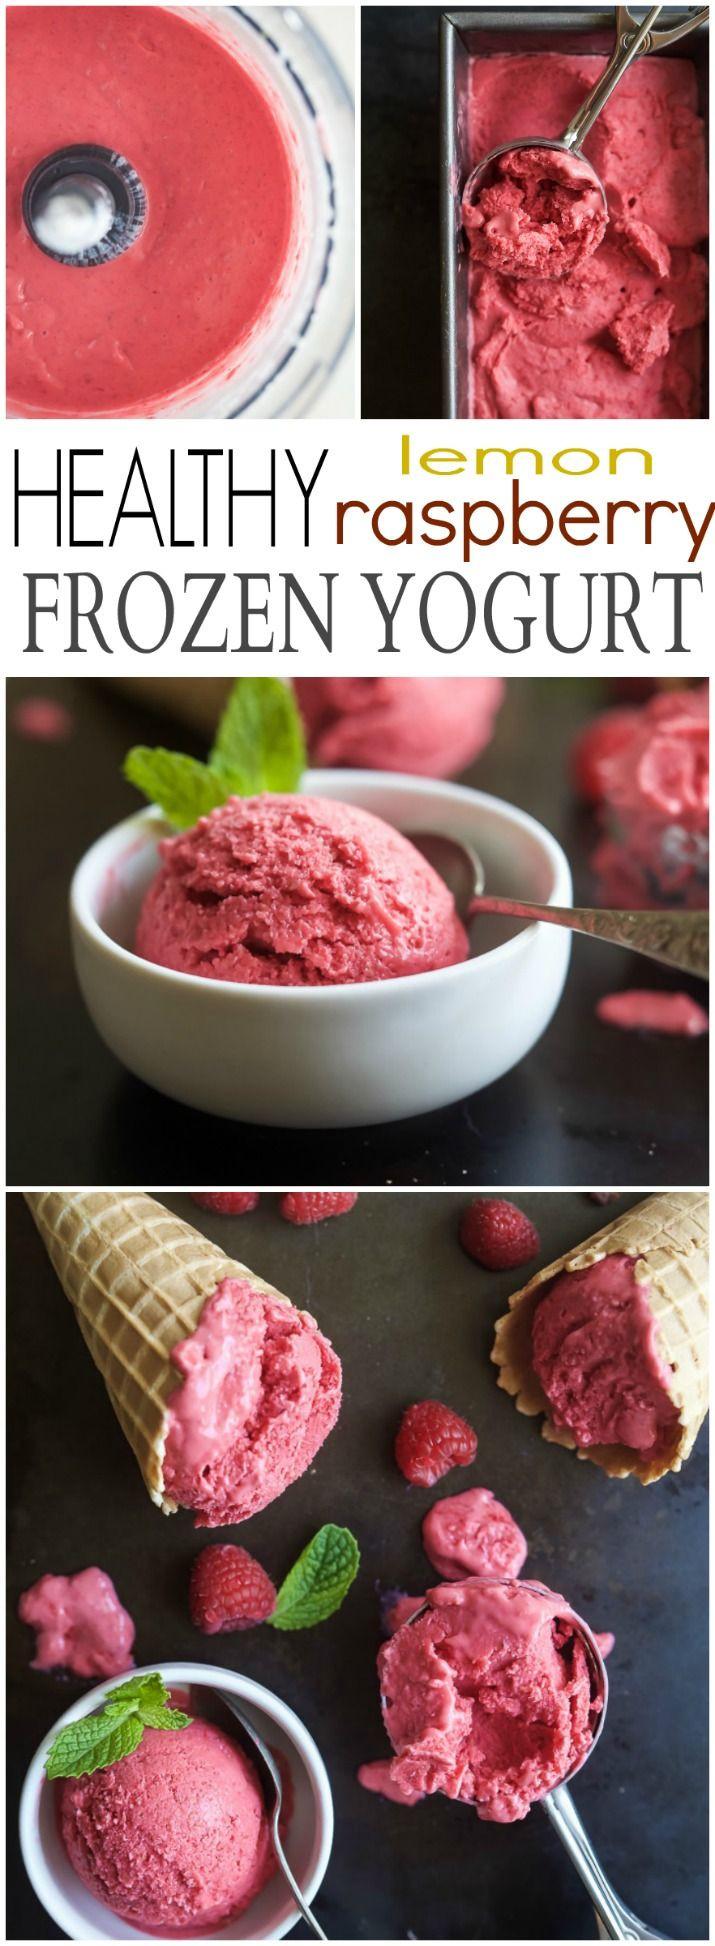 Healthy Sweet Snacks To Buy  Healthy Lemon Raspberry Frozen Yogurt Recipe